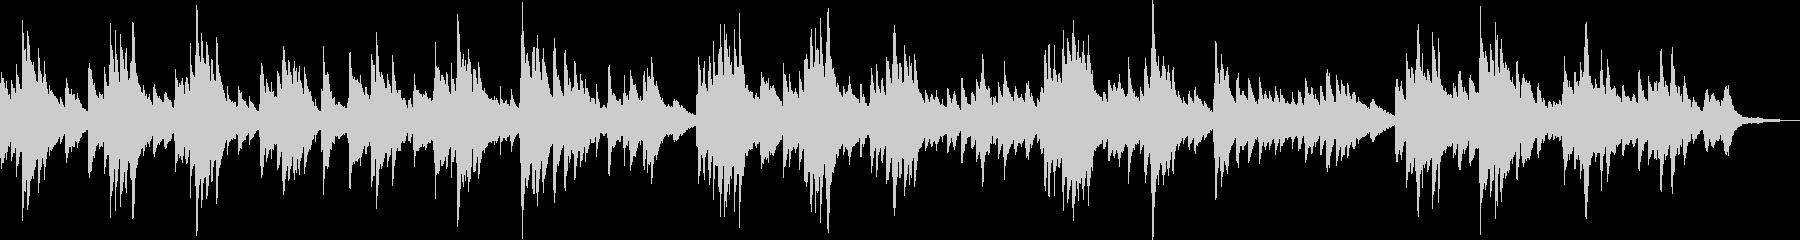 ピアノ・感動・温かい・BGM・バラードの未再生の波形